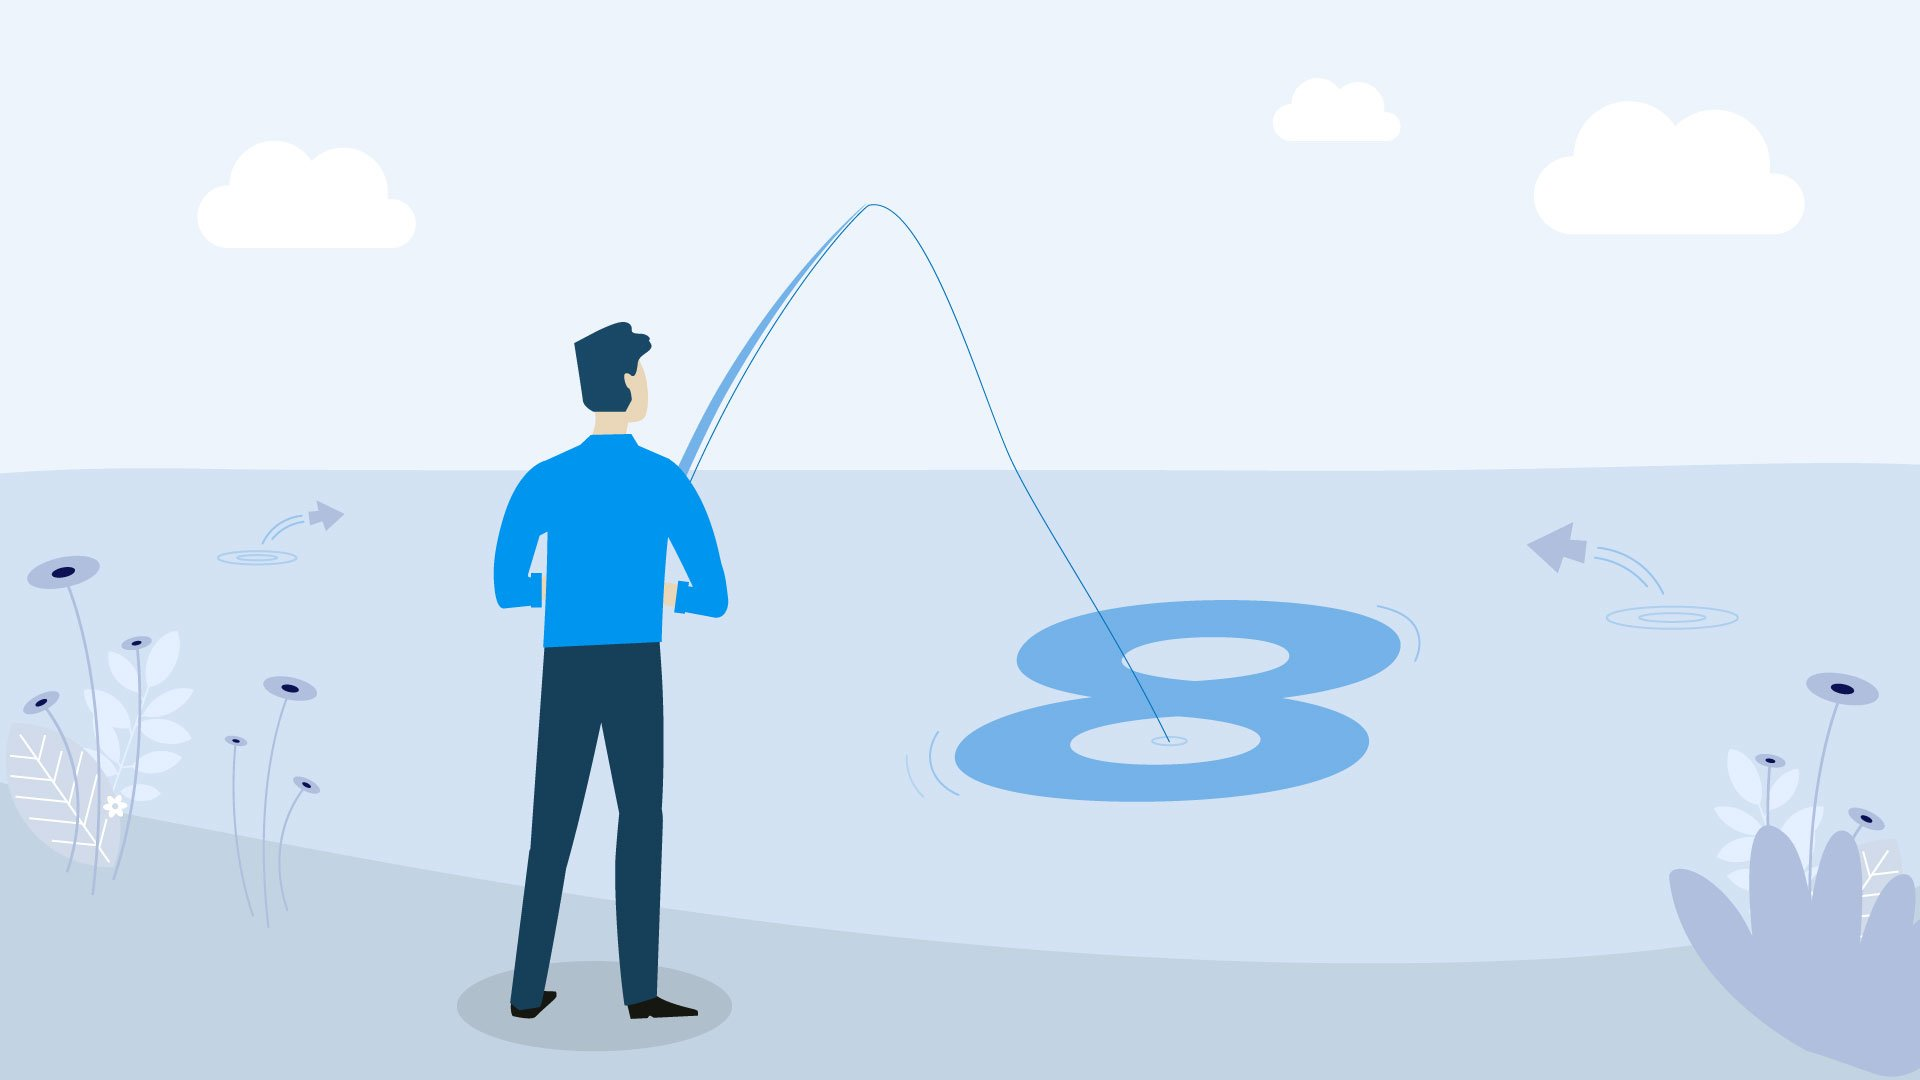 フィッシングに対する意識向上トレーニング:社員が理解すべき8つのこと